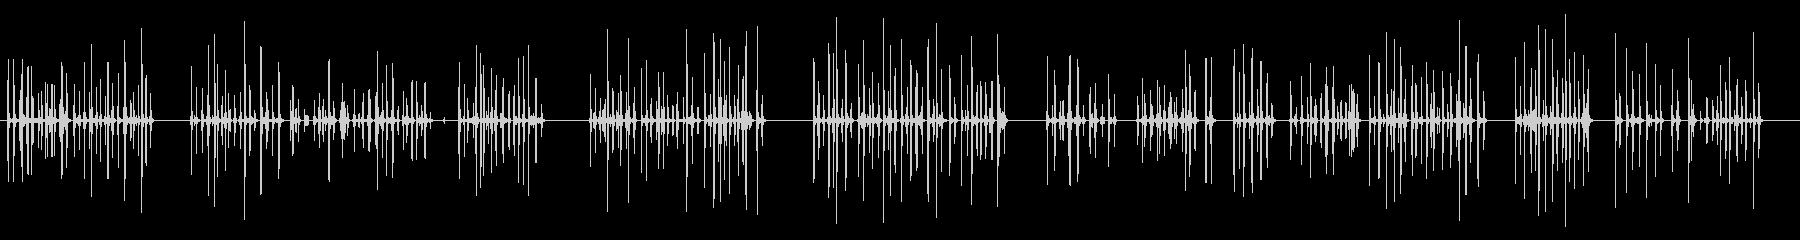 PC キーボード04-02(強)の未再生の波形